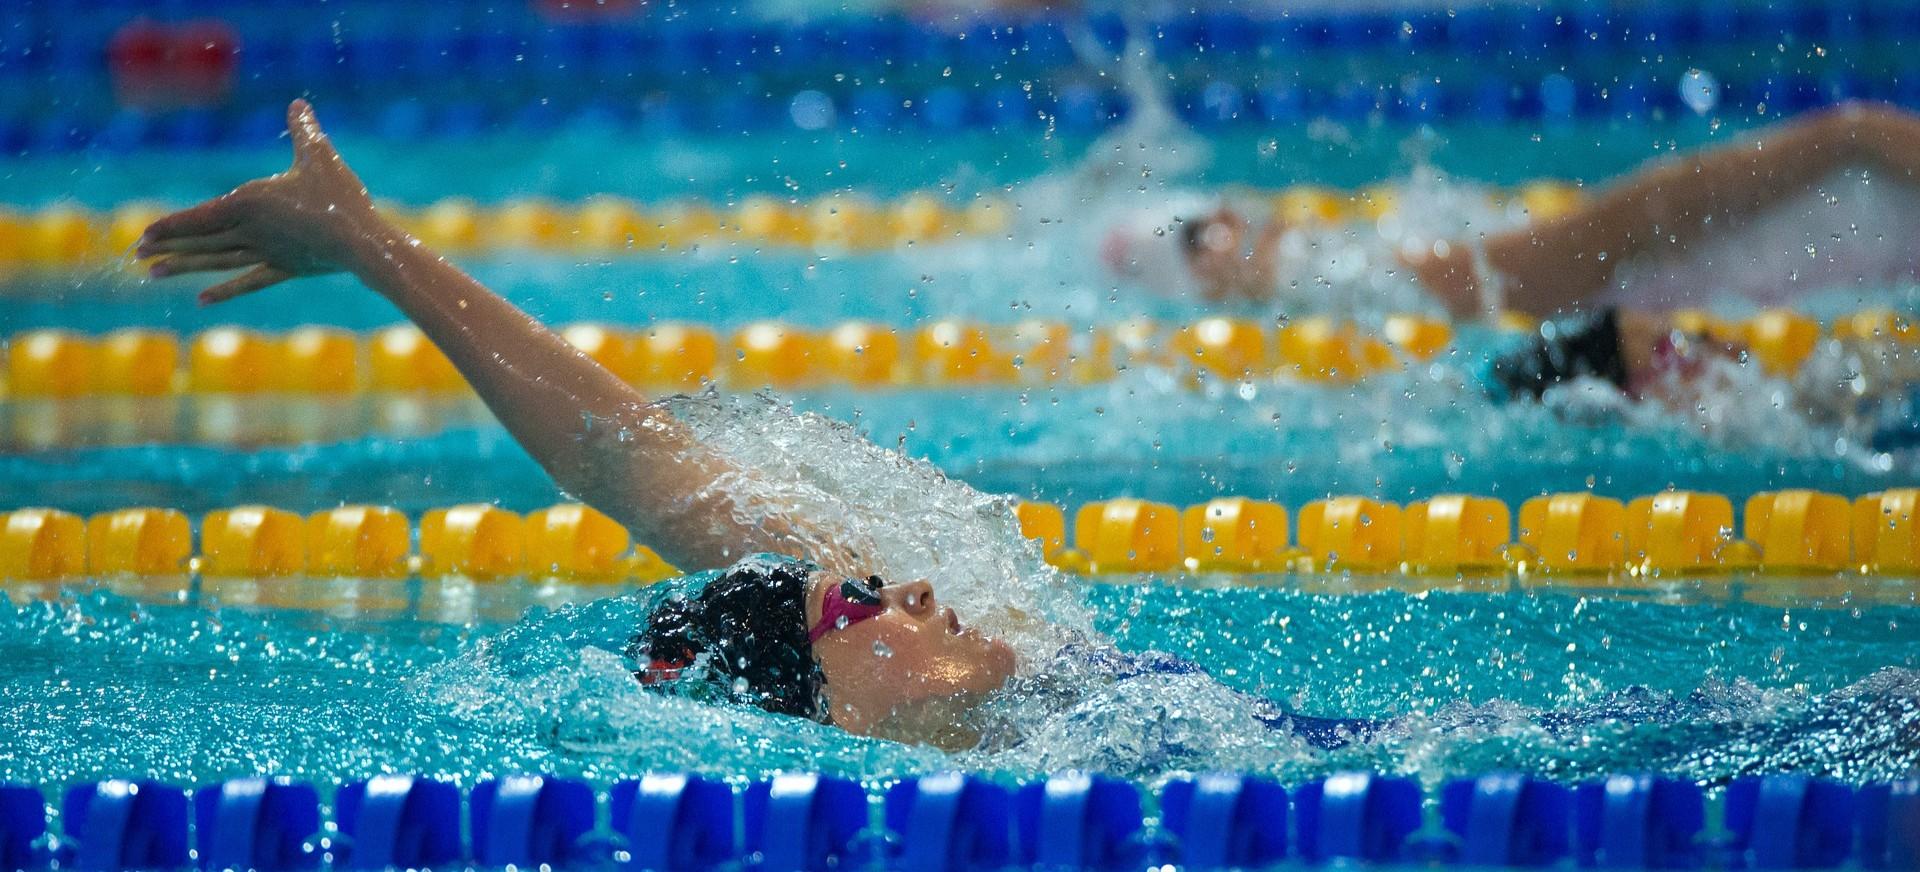 PŁYWANIE: Pierwsze zawody tej rangi w Lesku. Wkrótce międzynarodowe mistrzostwa